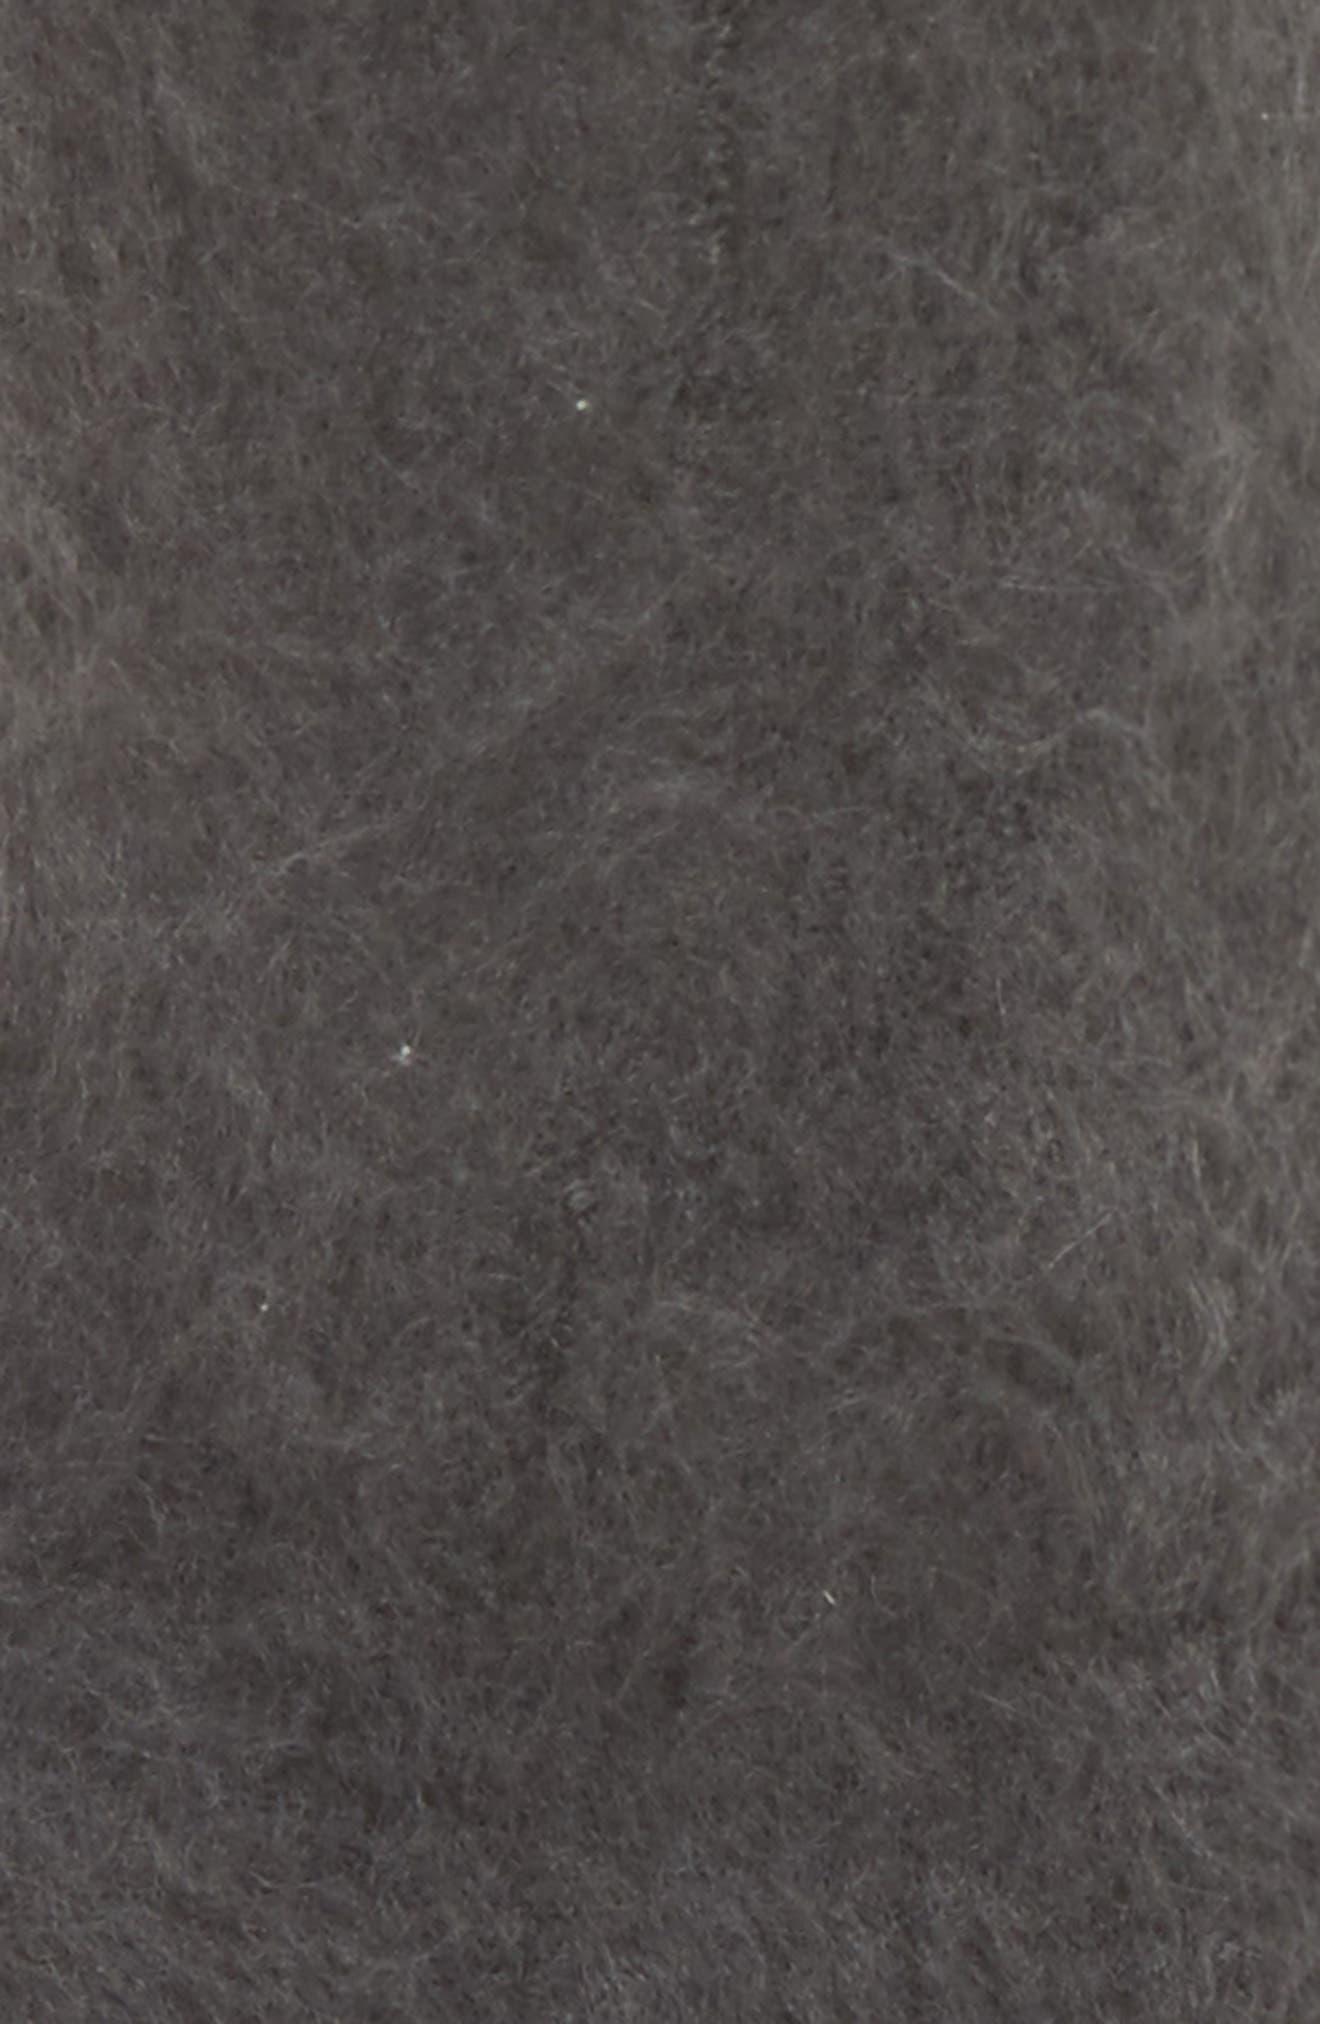 Winter Fog Socks,                             Alternate thumbnail 2, color,                             020